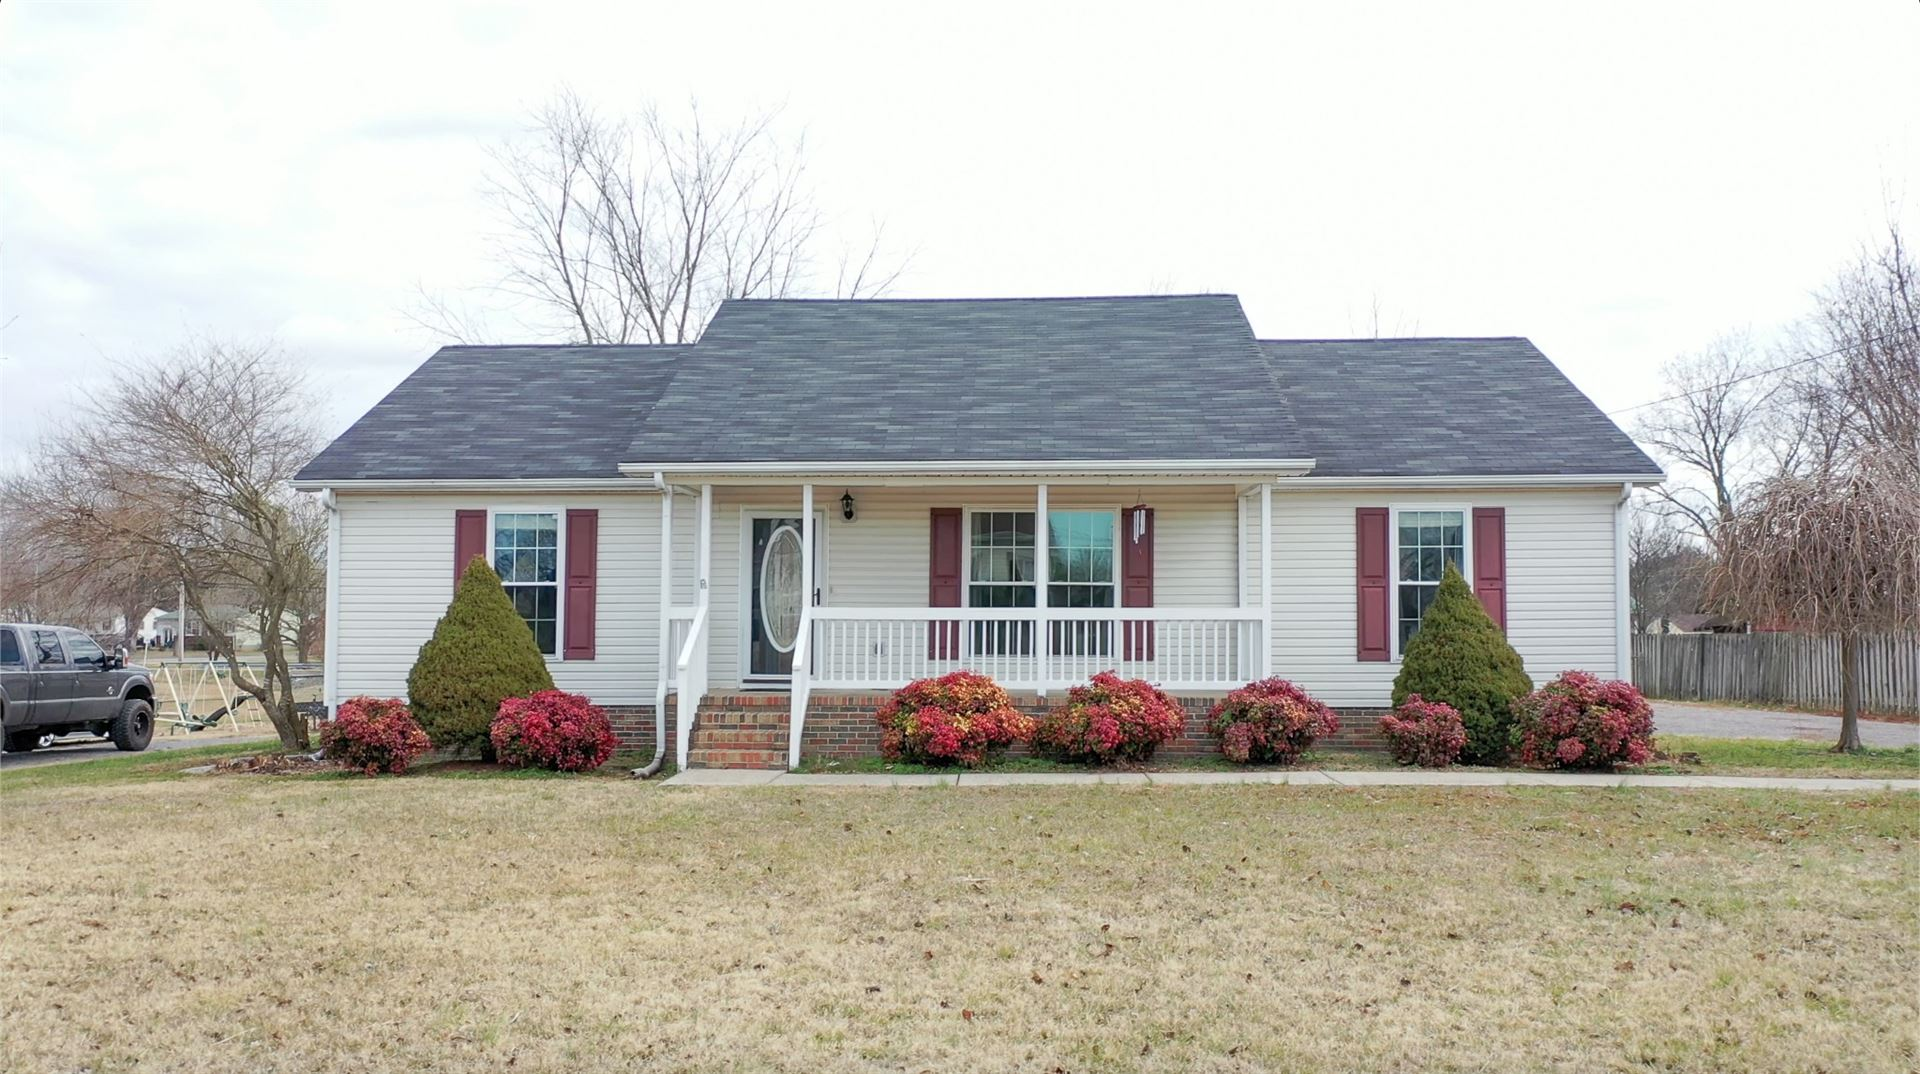 107 Warren Cir, Shelbyville, TN 37160 - MLS#: 2221053